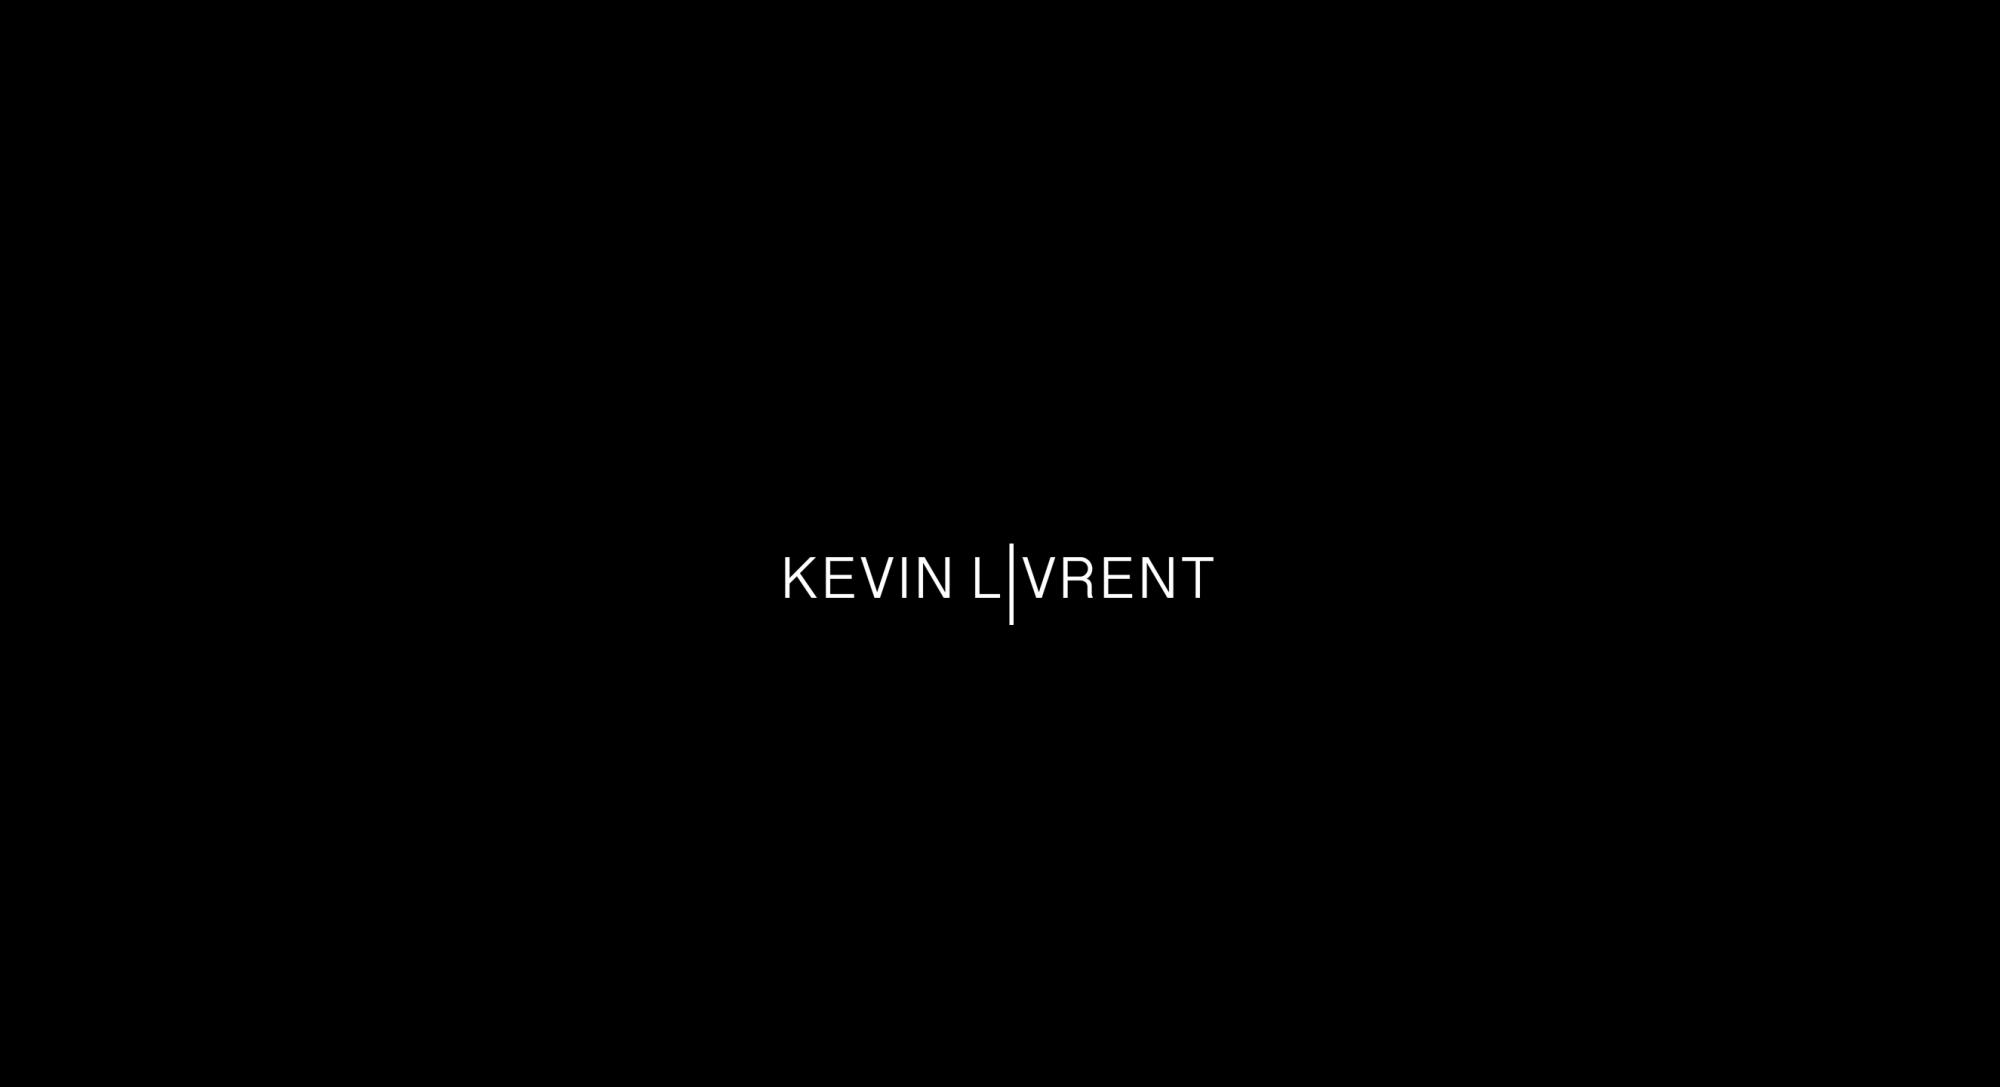 Kevin Livrent